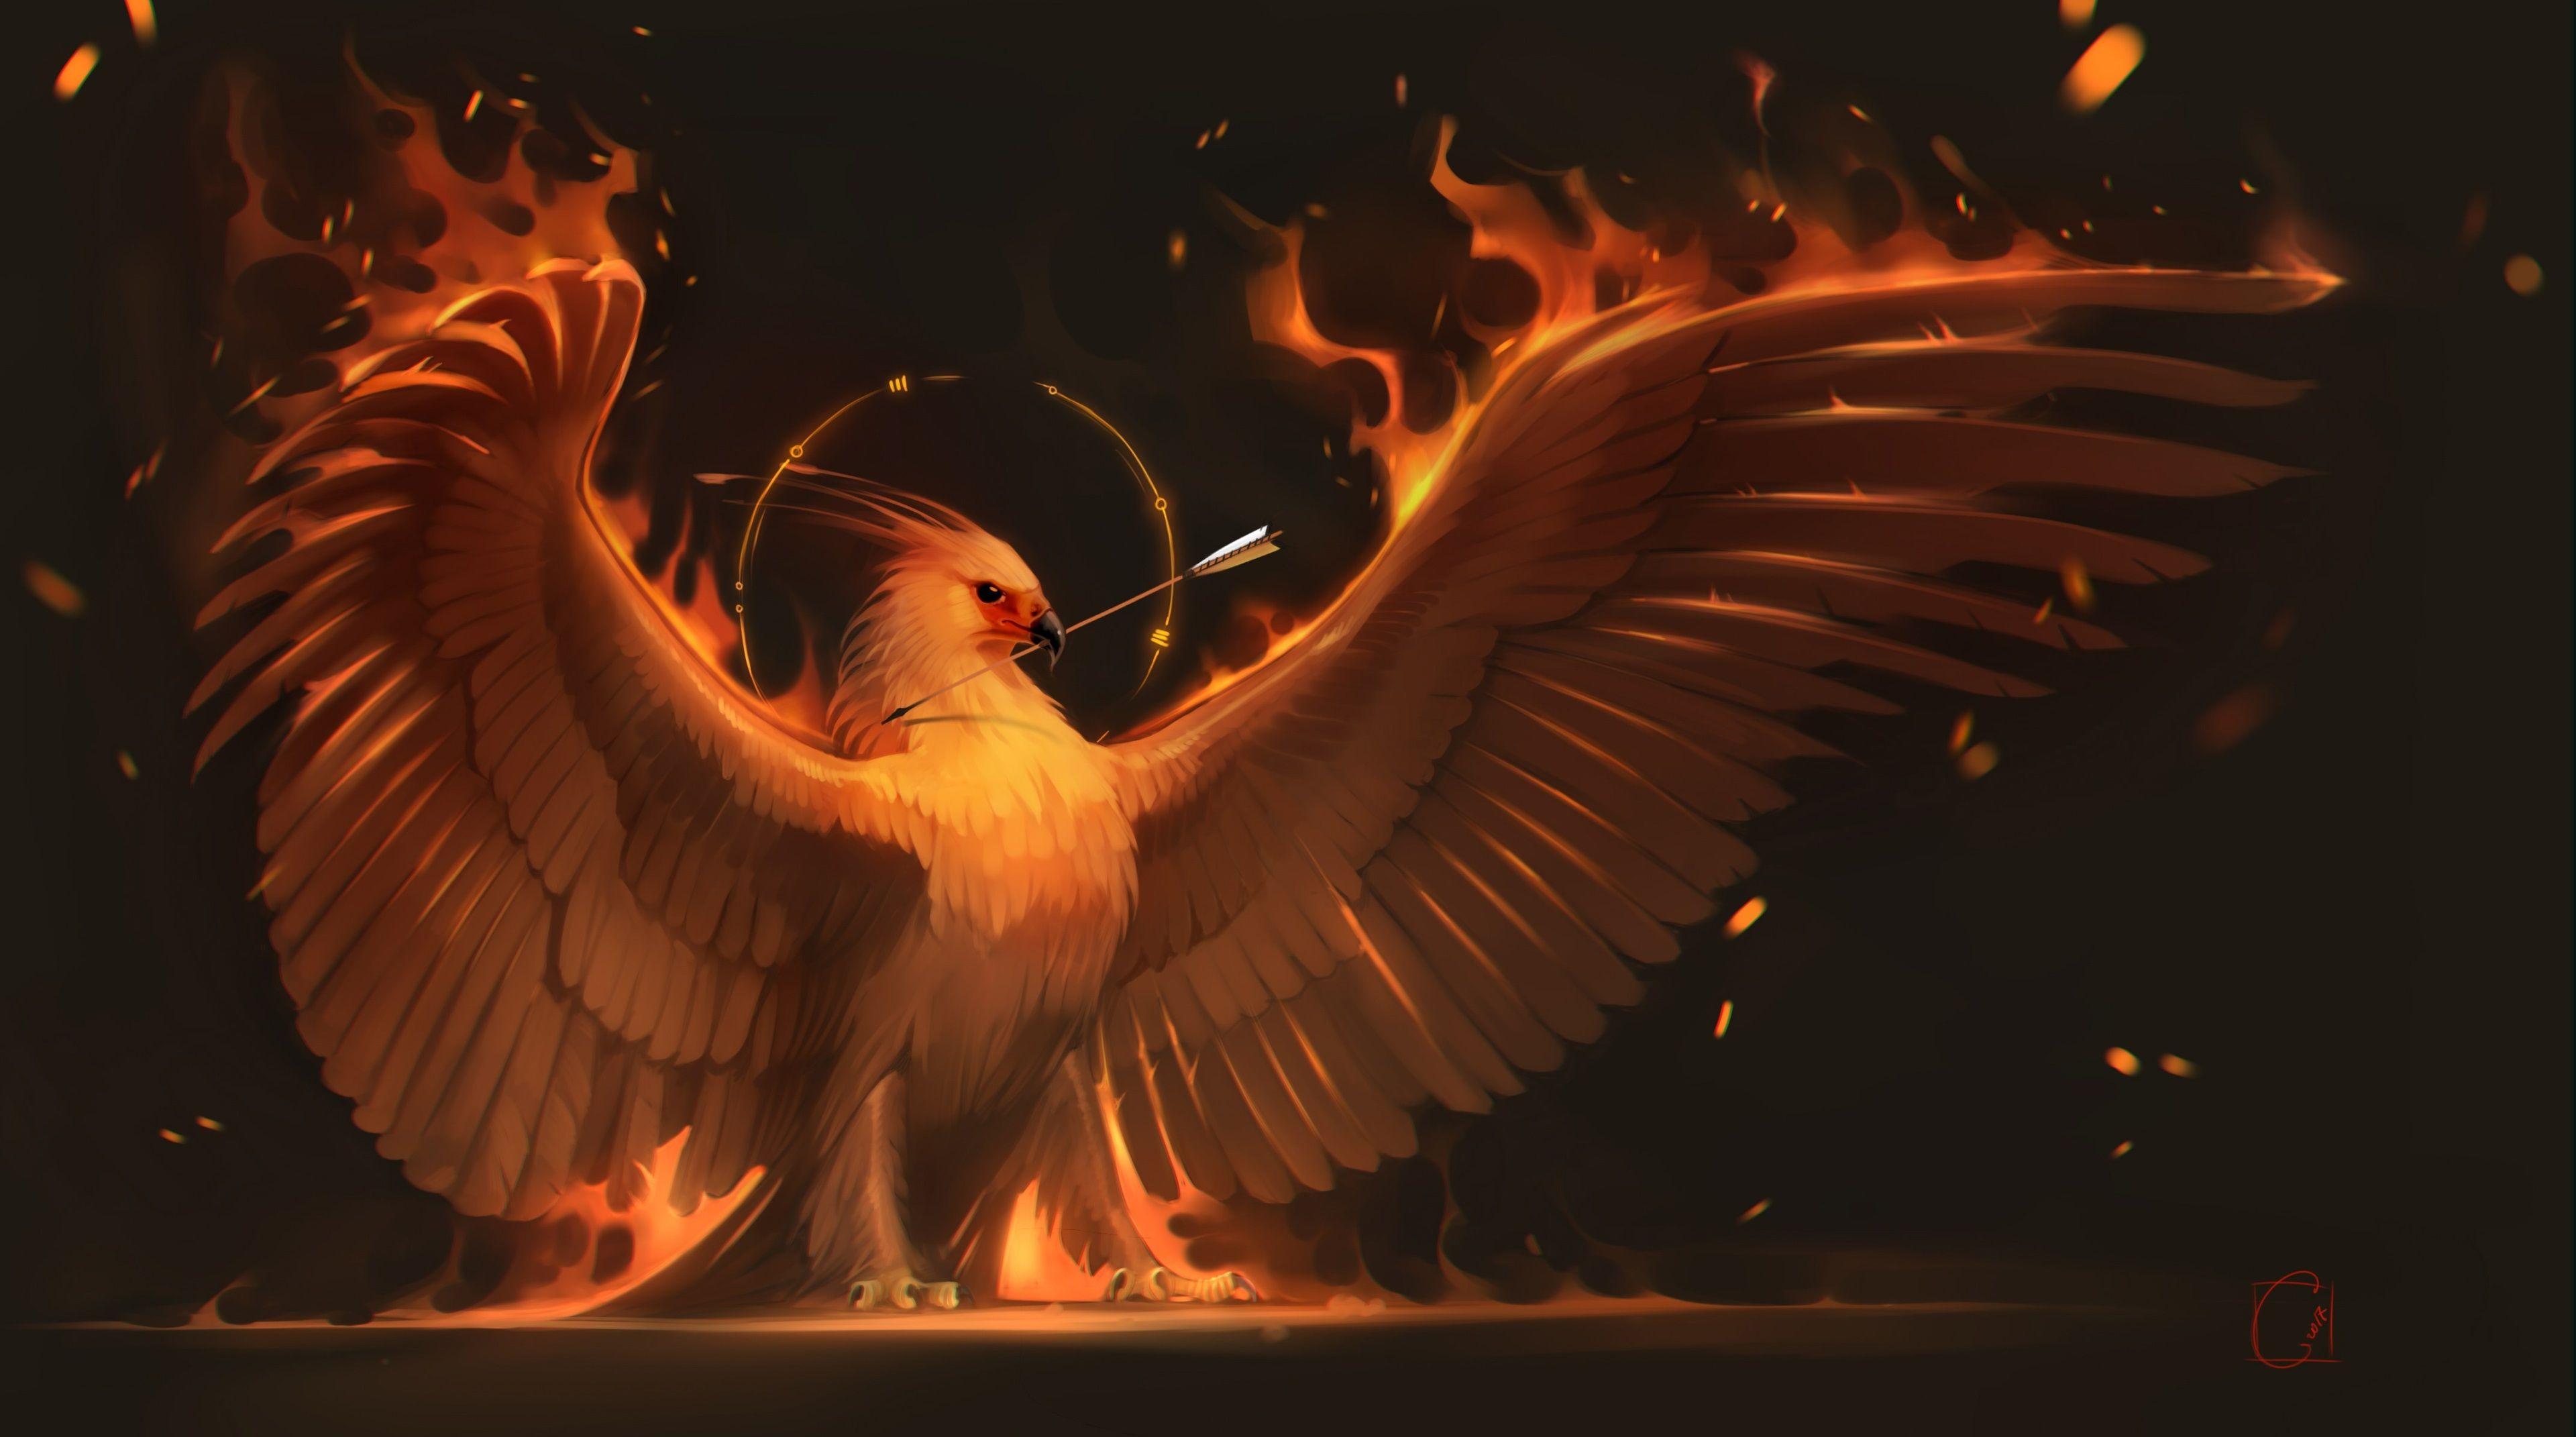 Phoenix Bird Wallpaper 4k